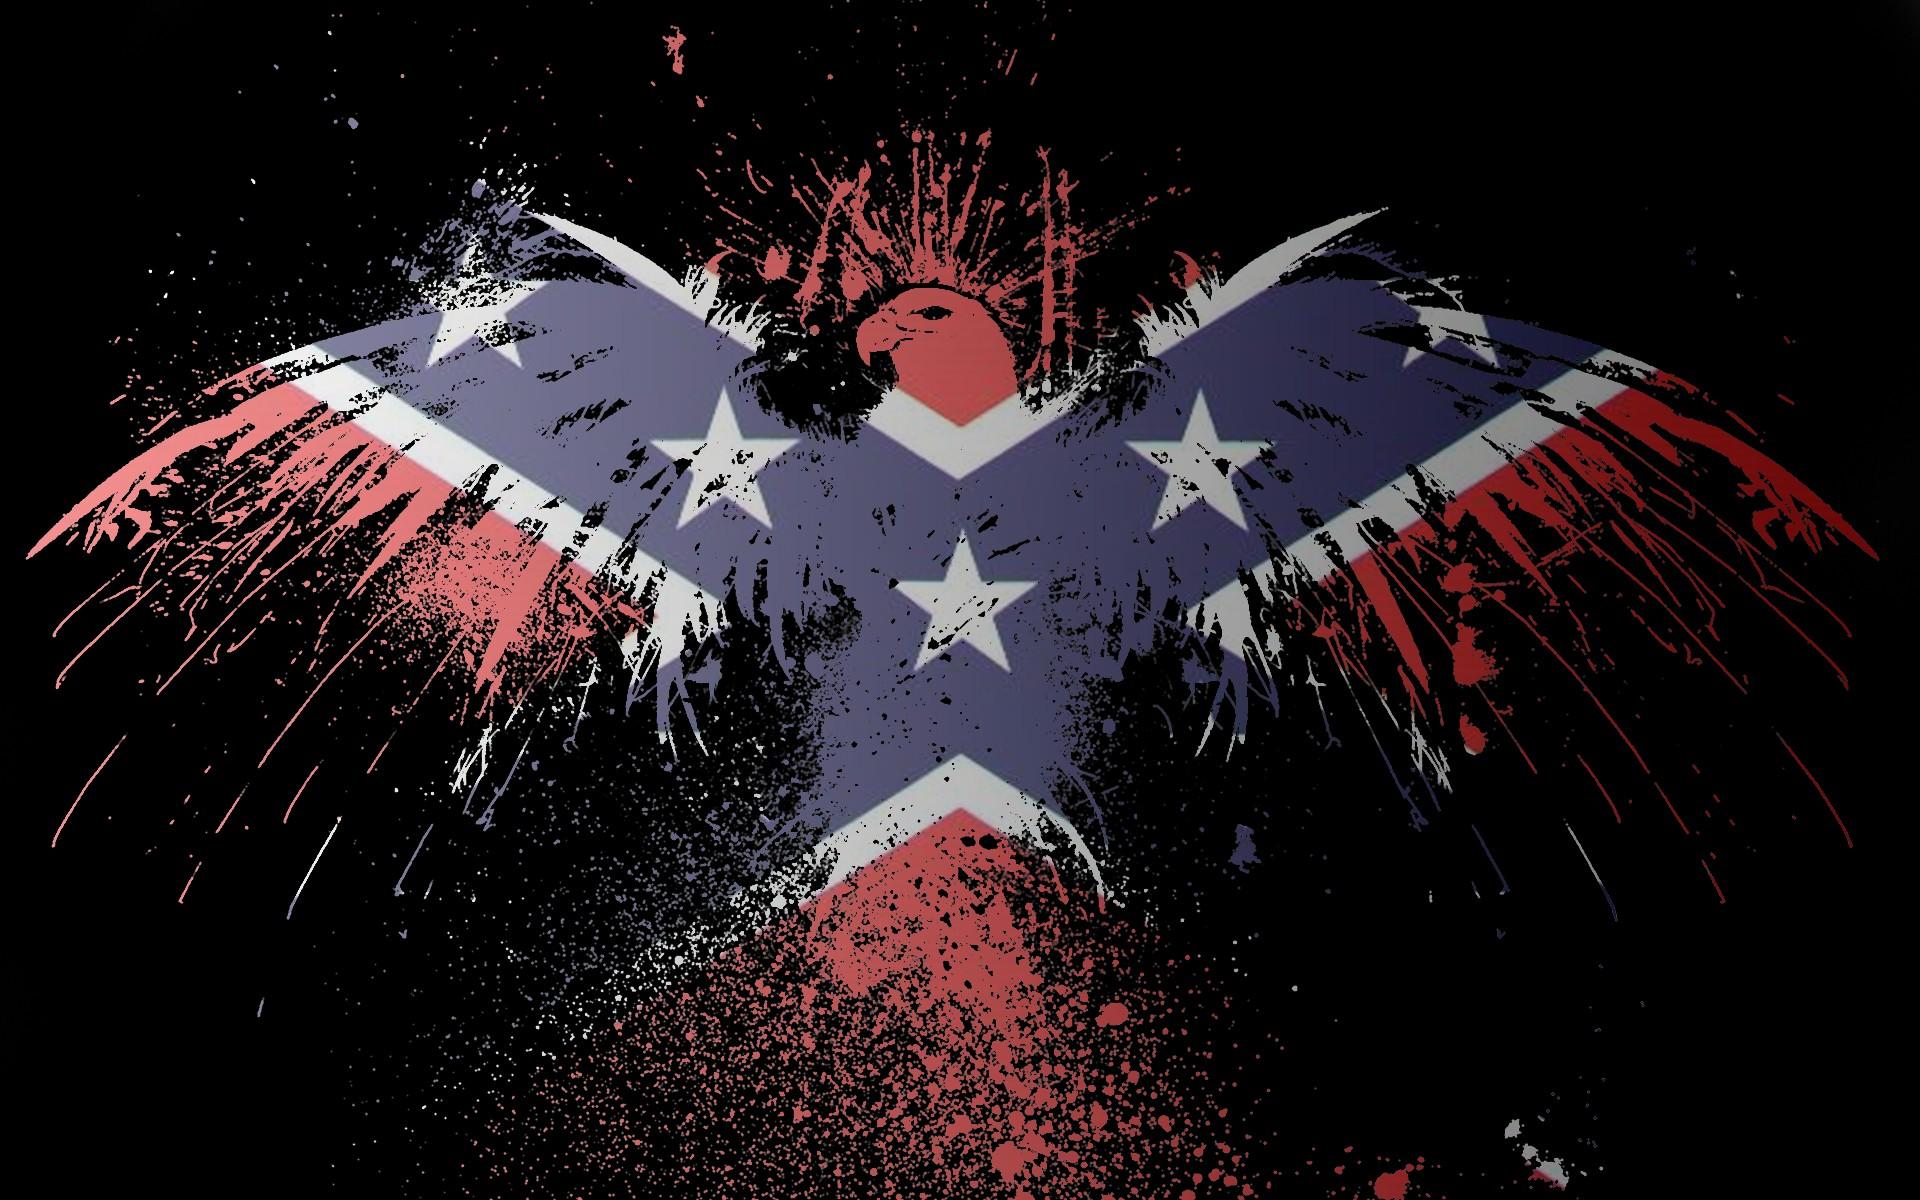 rebel flag wallpaper 183�� download free stunning hd